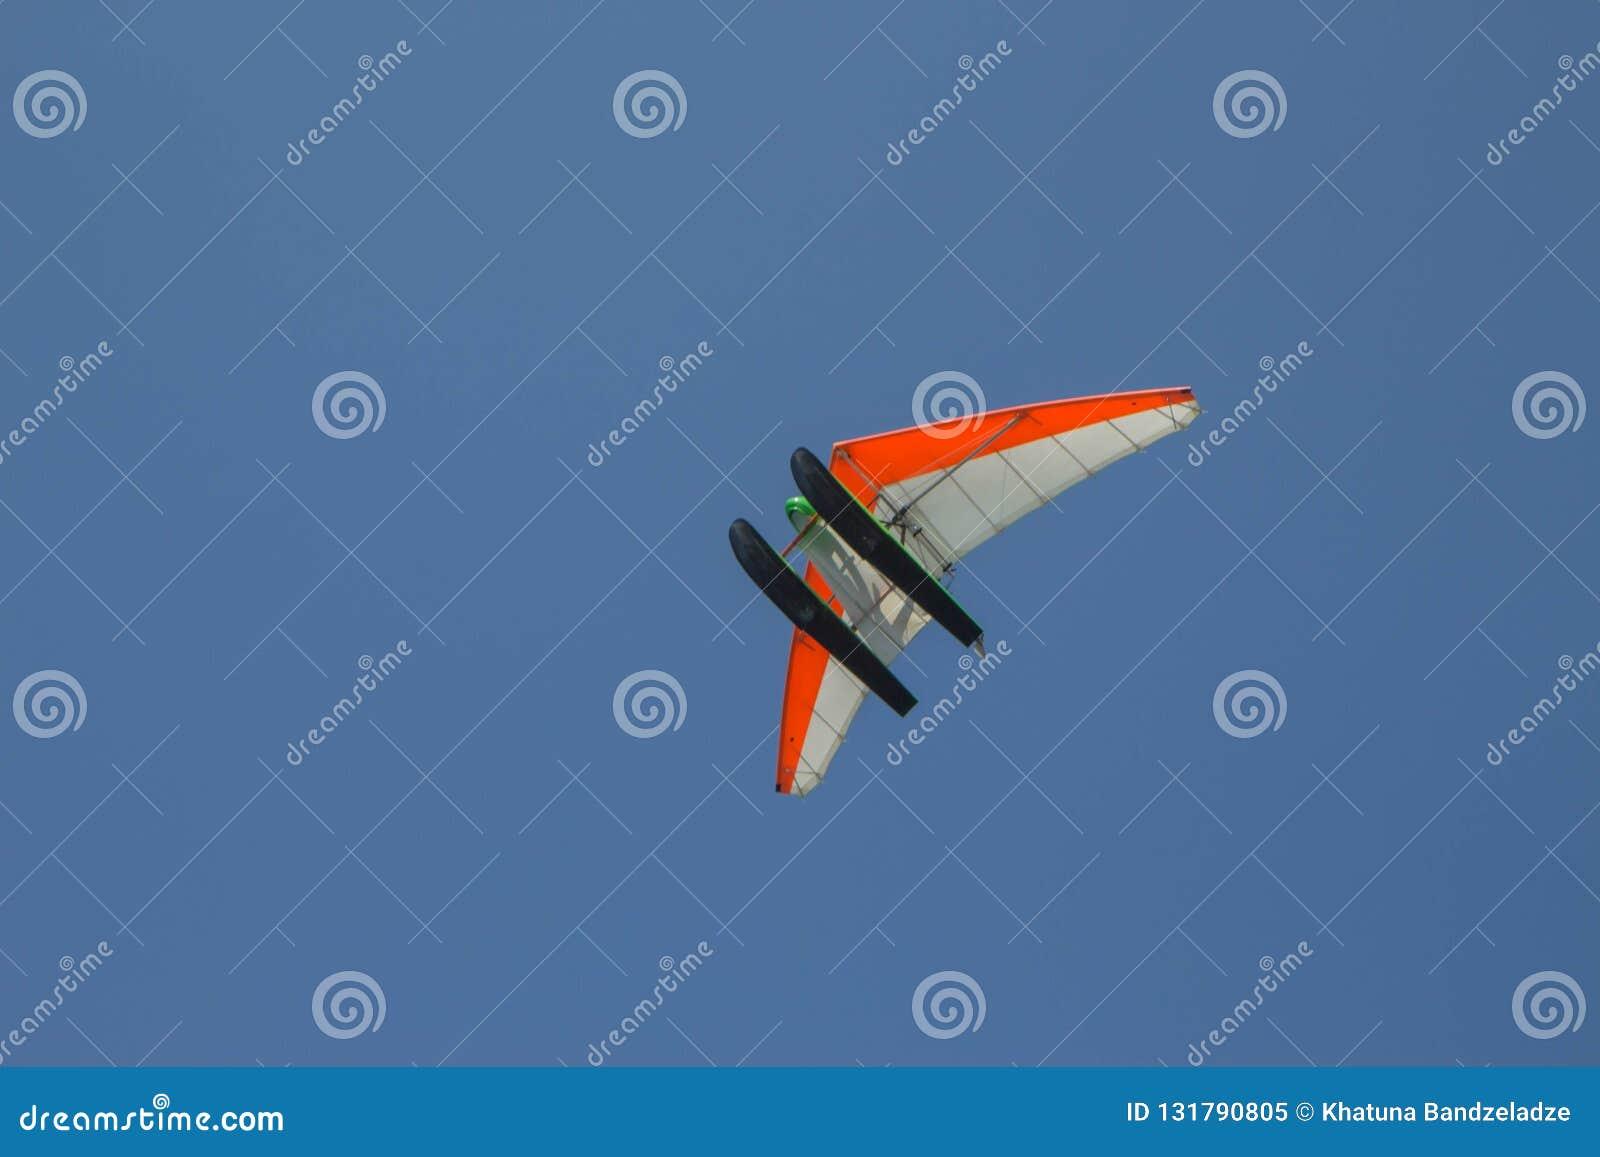 Μηχανοποιημένος κρεμάστε τις μύγες ανεμοπλάνων από το μπλε ουρανό, υπερβολικό ελαφρύ αεροπλάνο